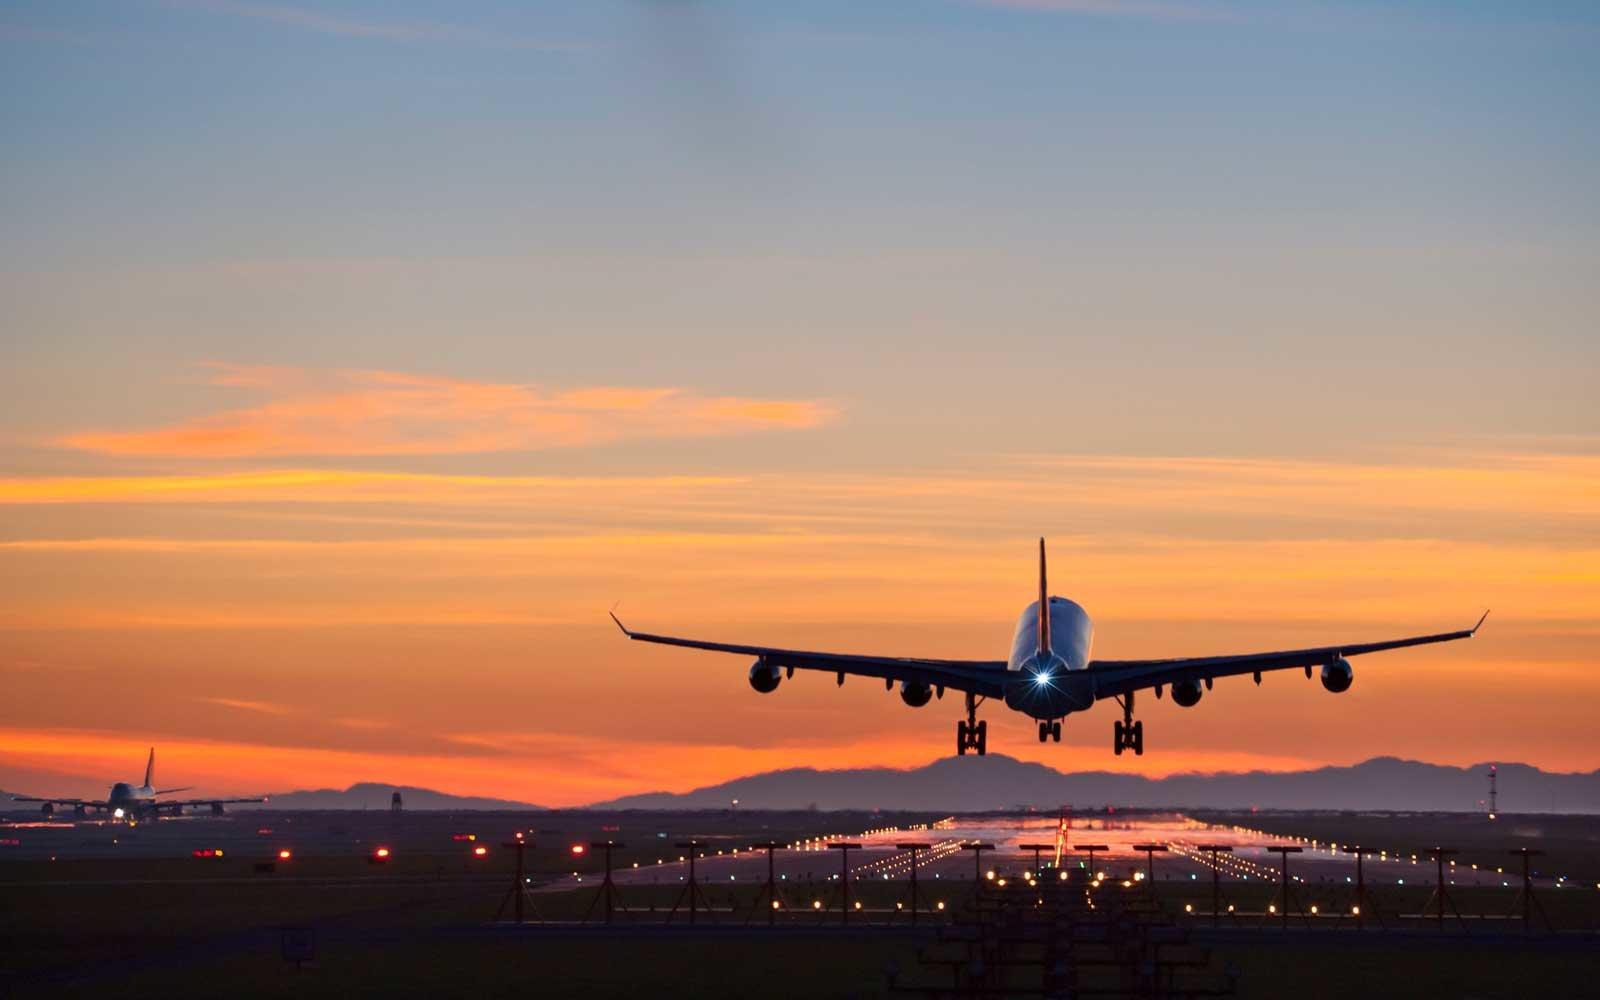 پرواز با اسنپ تریپ